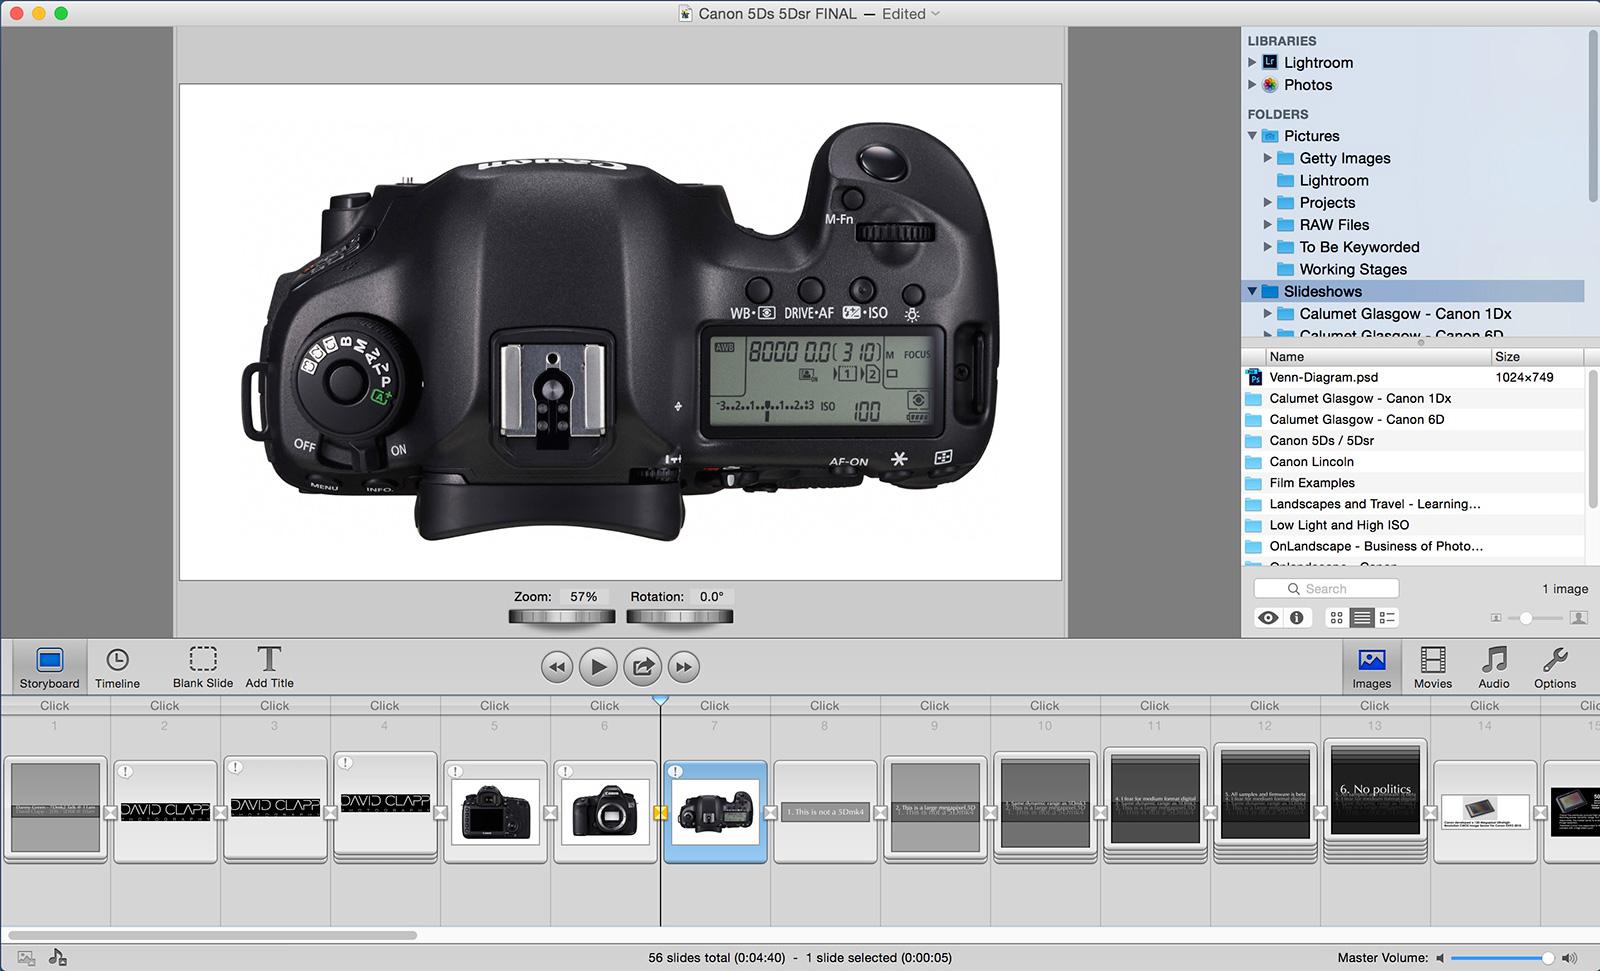 Fotomagico Slideshow Software Review